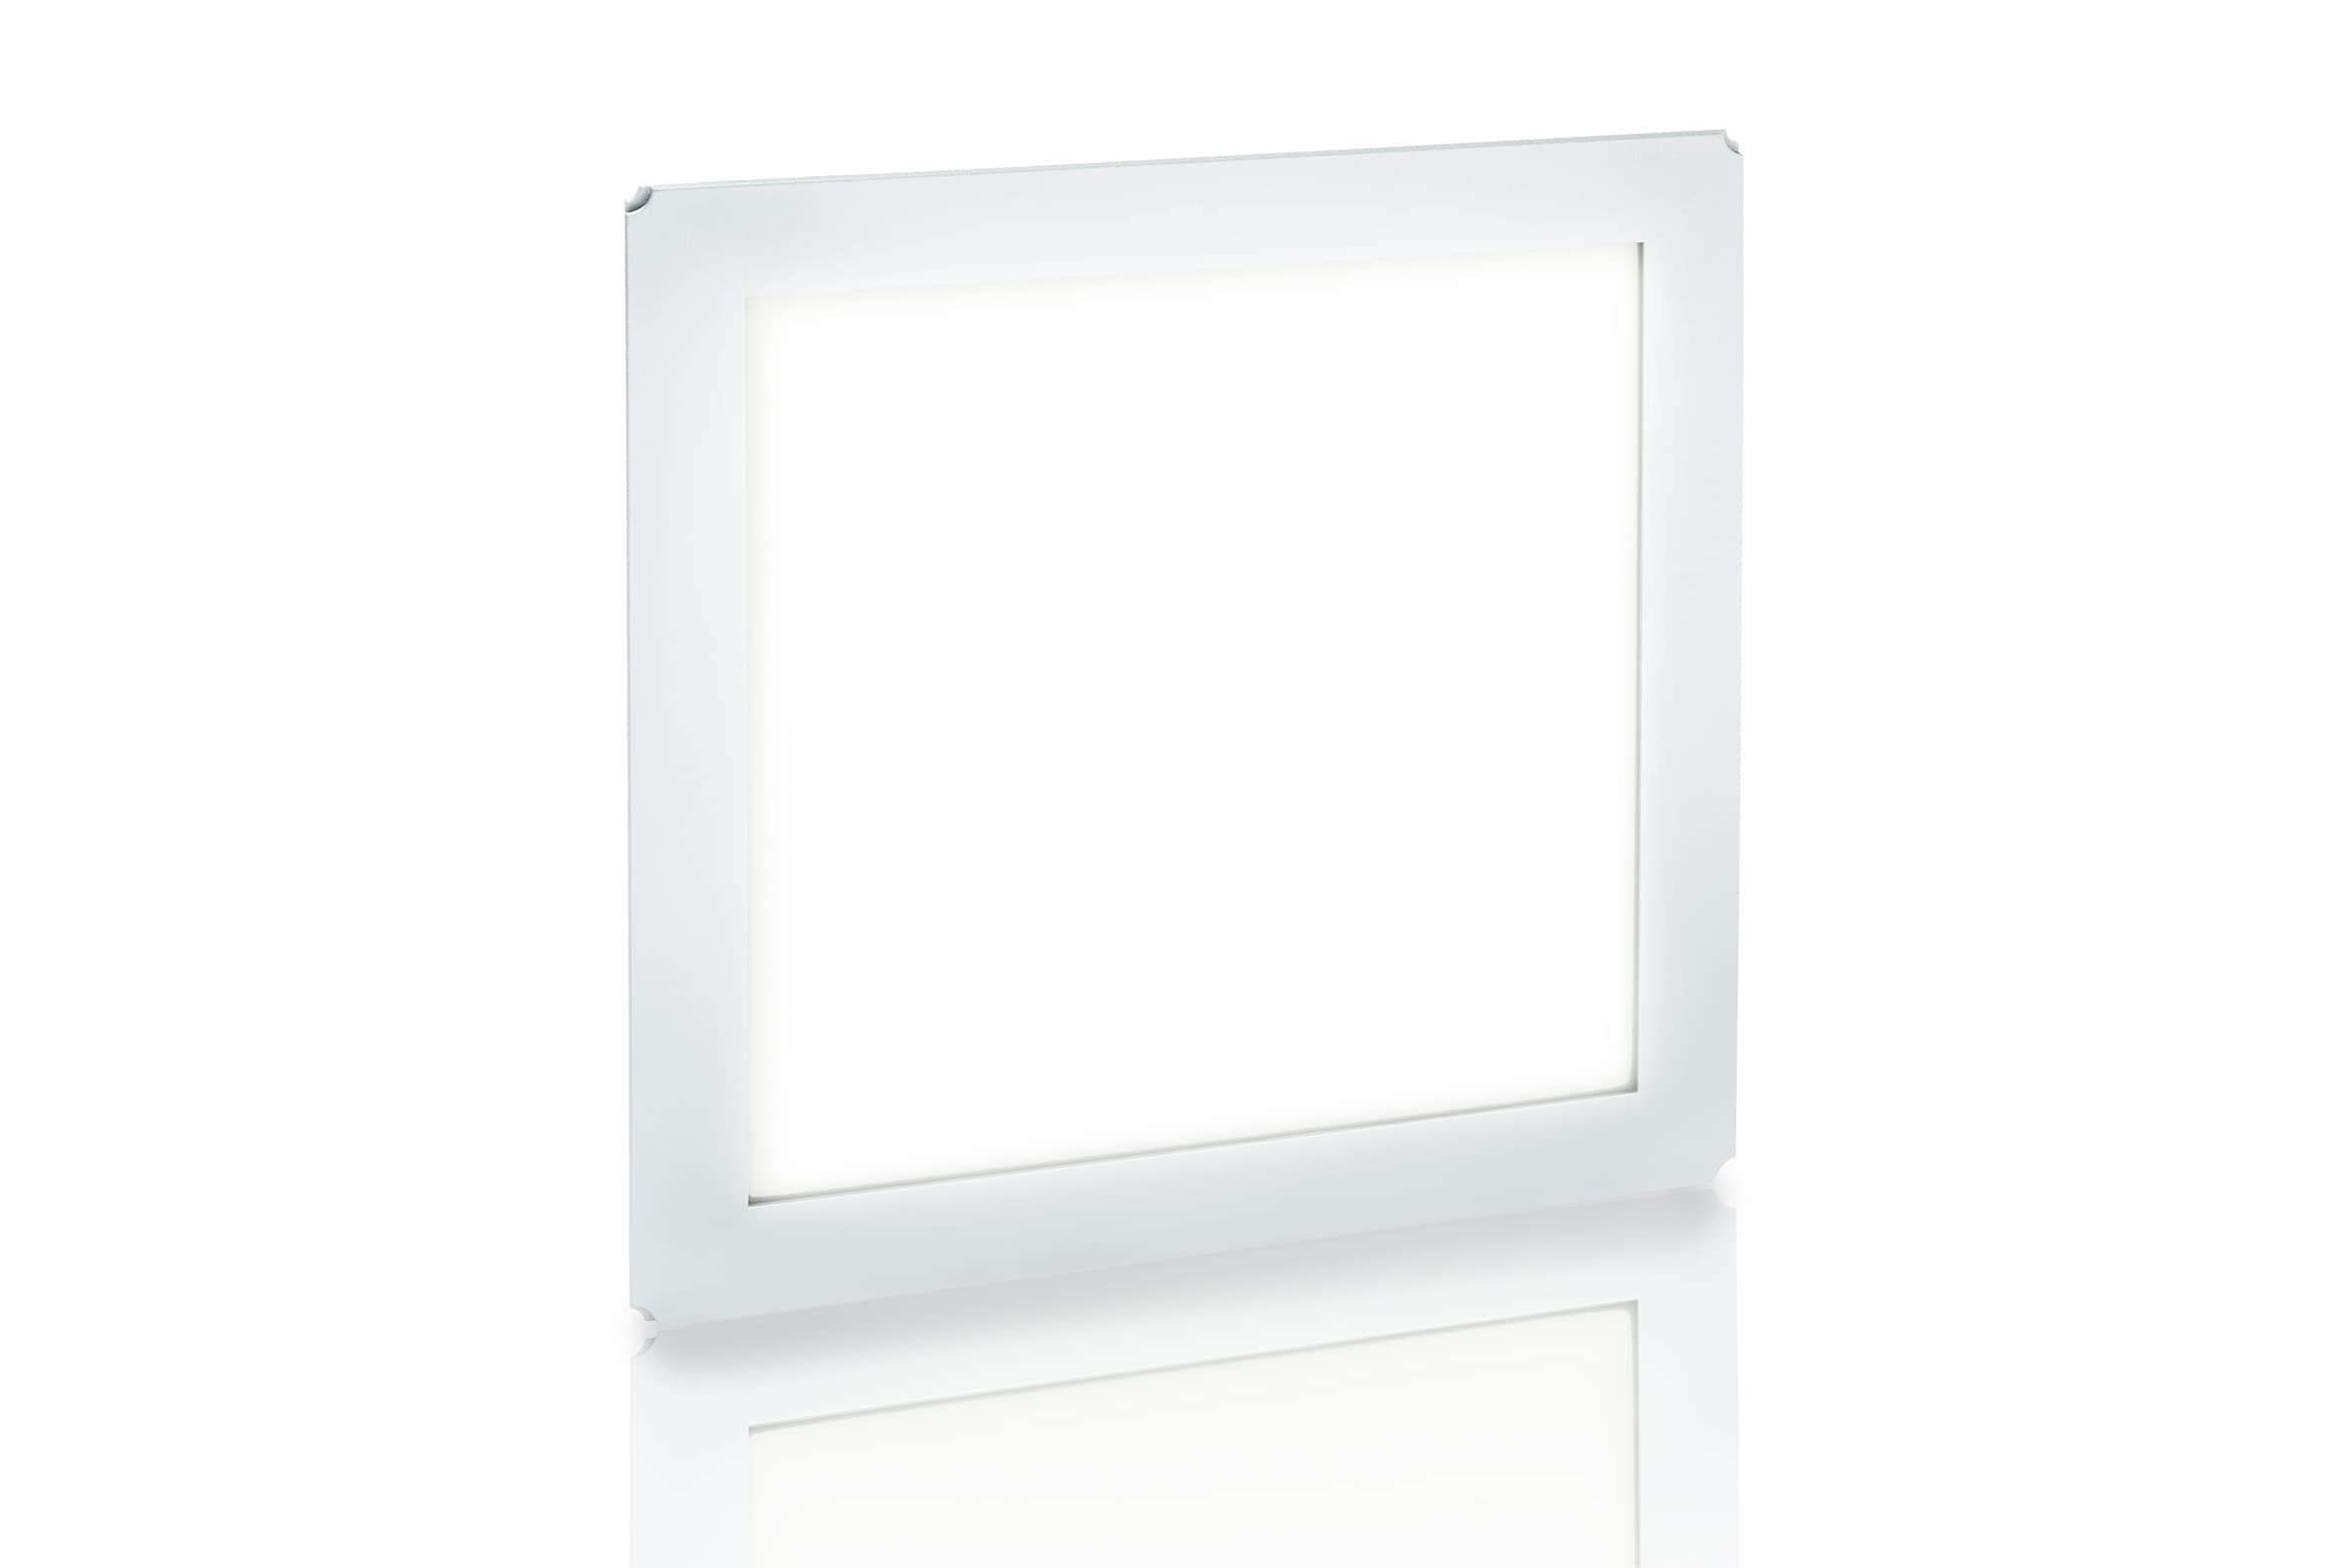 Philips OLED-Modul Lumiblade Brite FL300